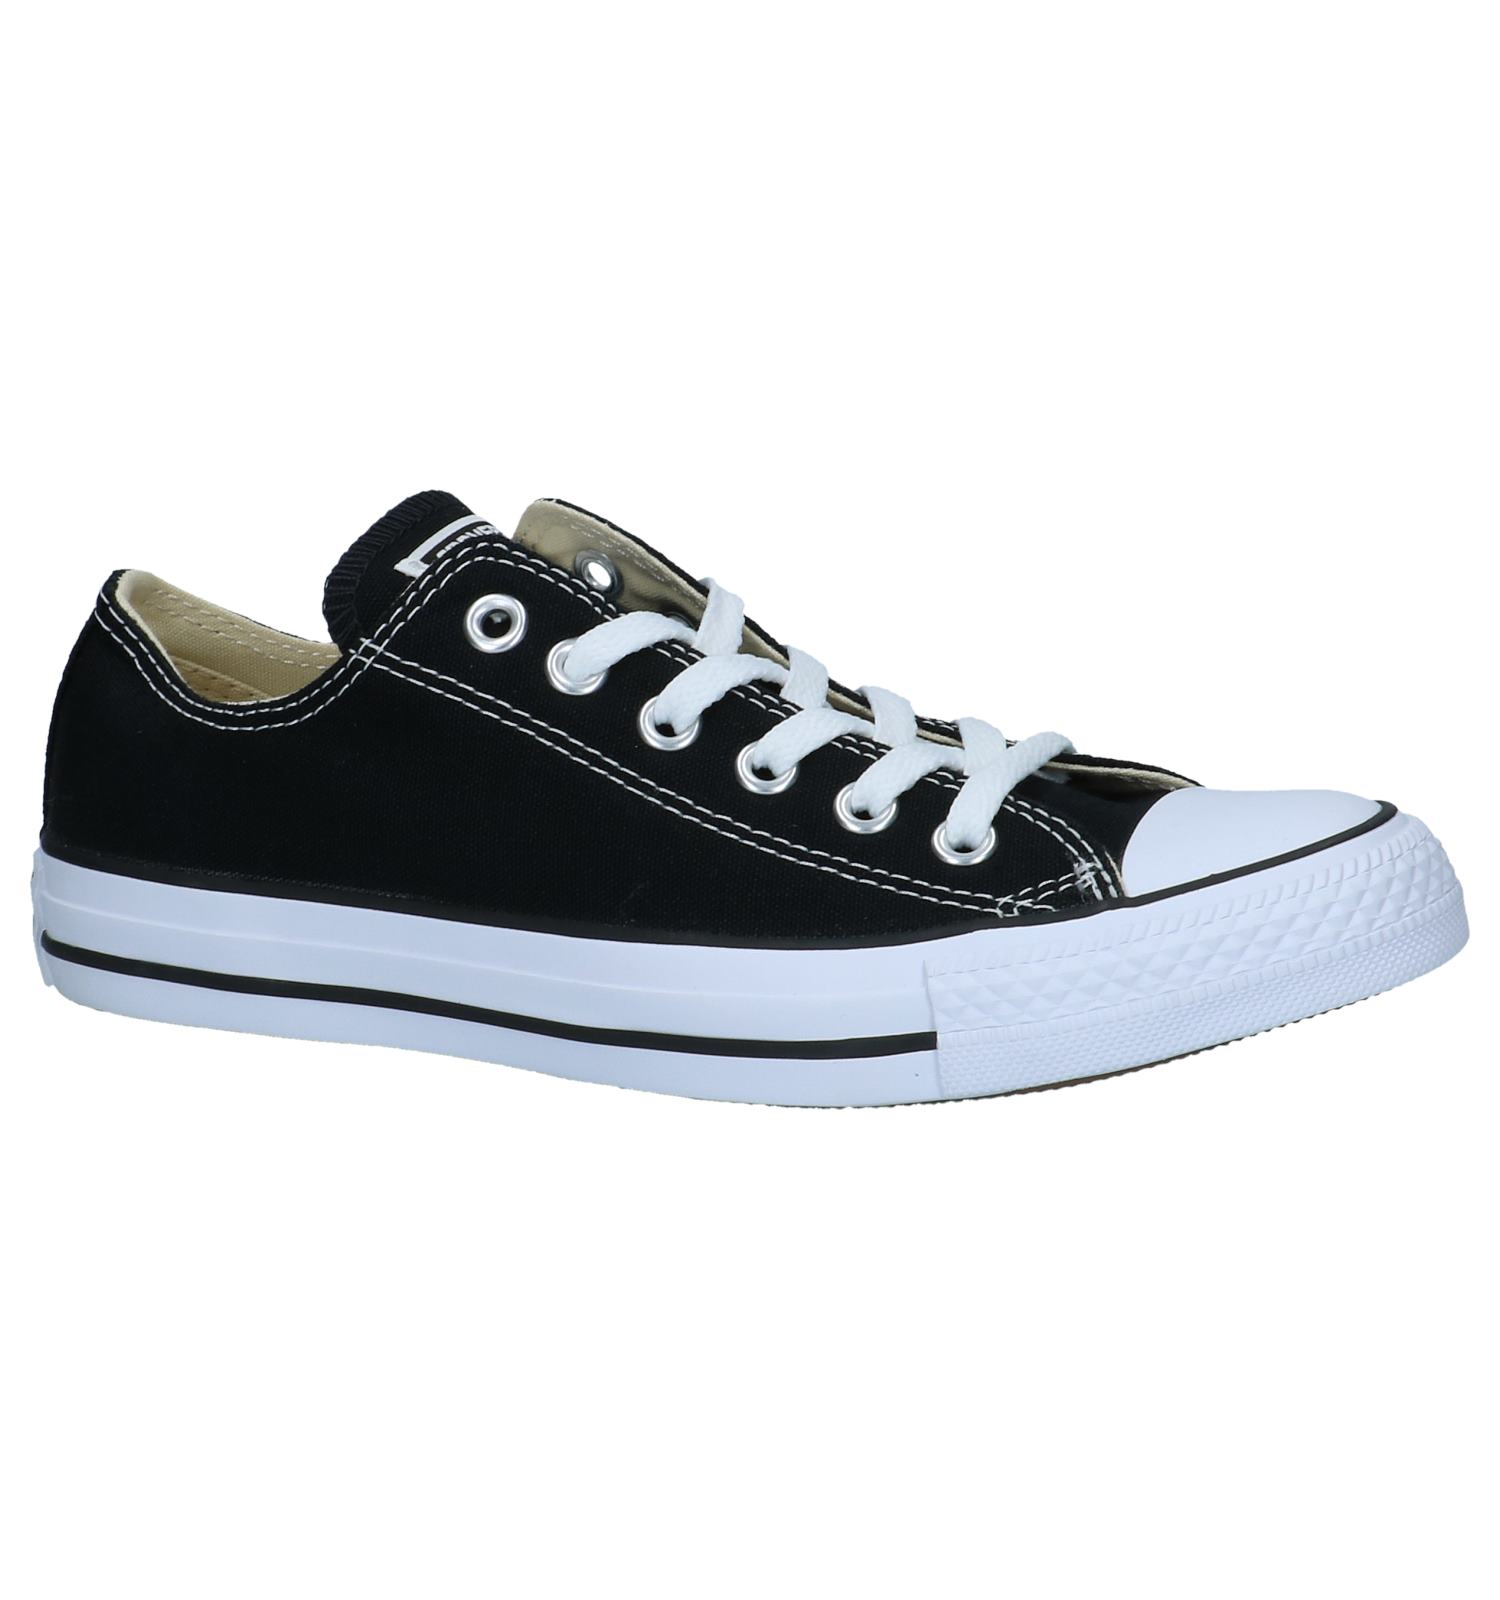 Zwarte Sneakers Converse All Star OX | TORFS.BE | Gratis ...